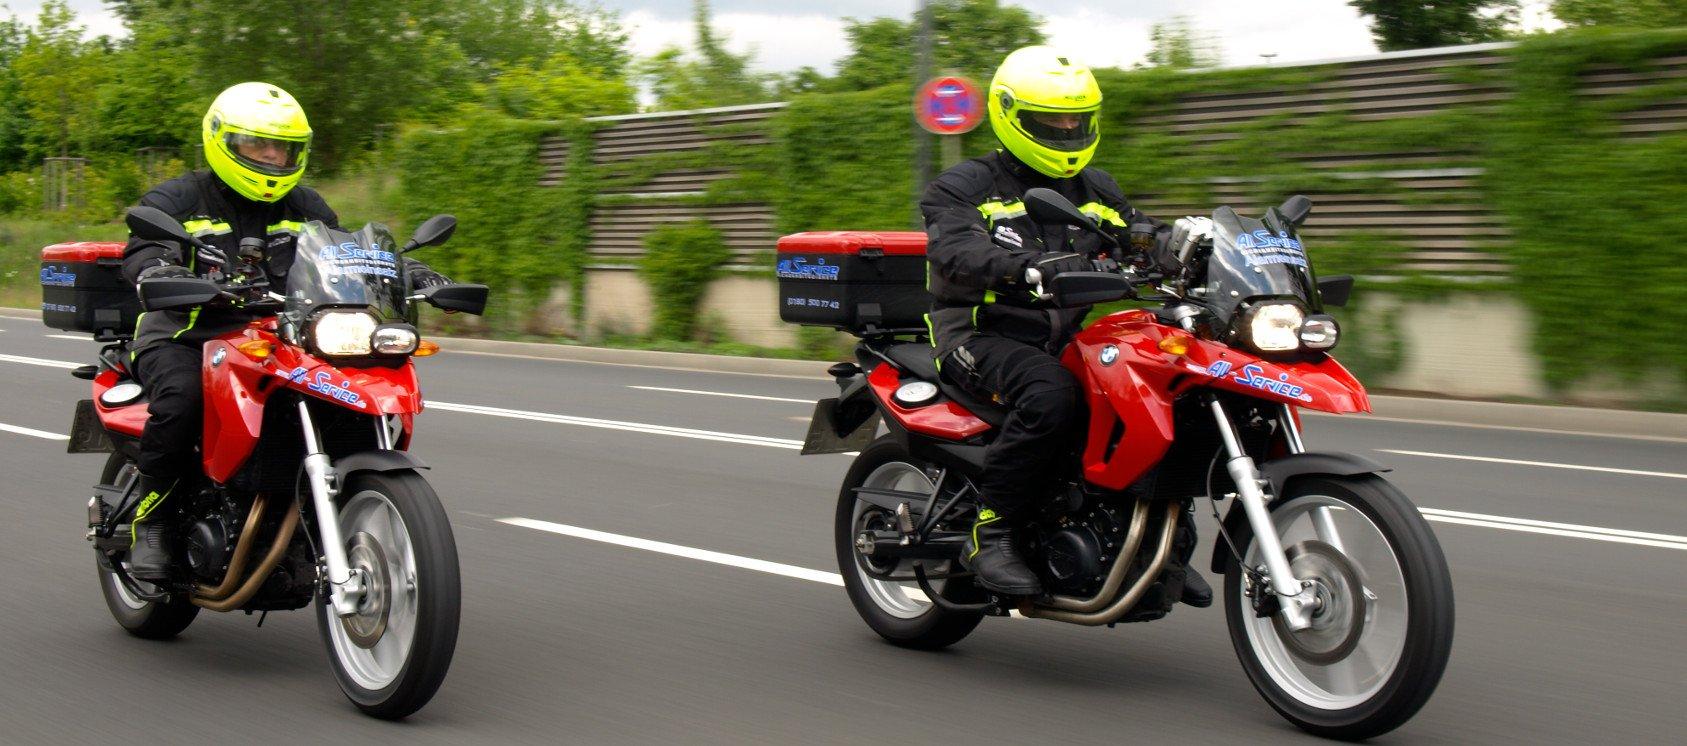 Bike Securty